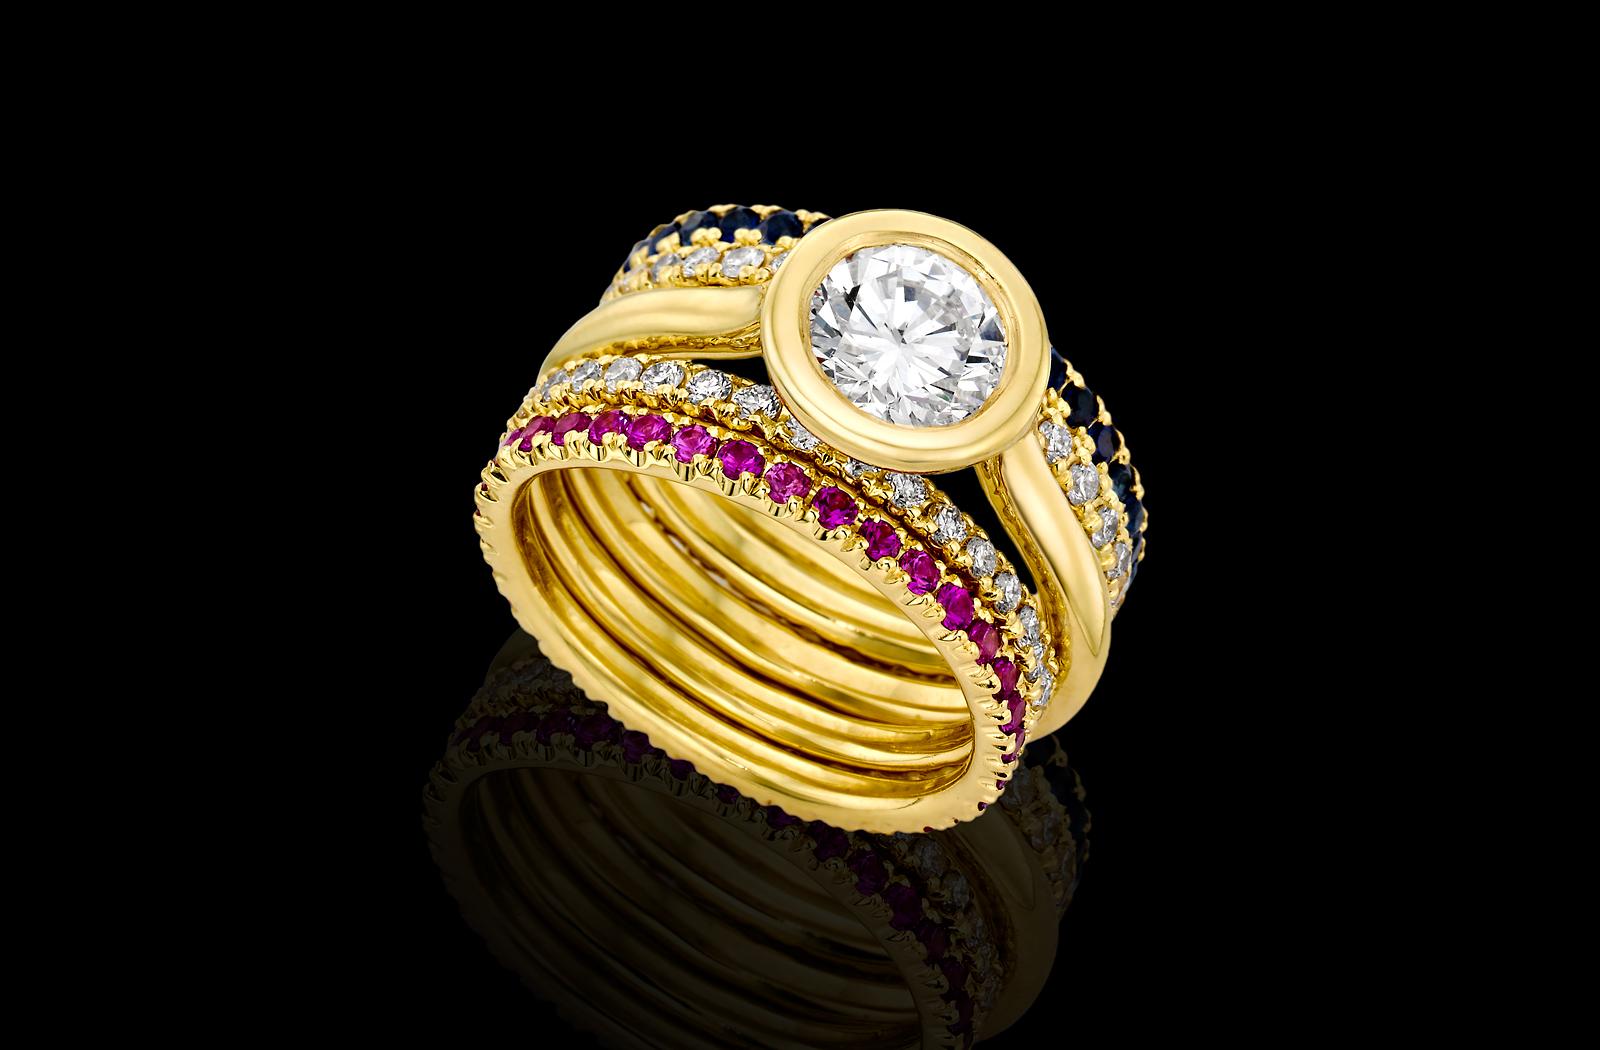 טבעת בזהב צהוב 18K משובצת יהלום רובינים, ספירים כחולים ויהלומים